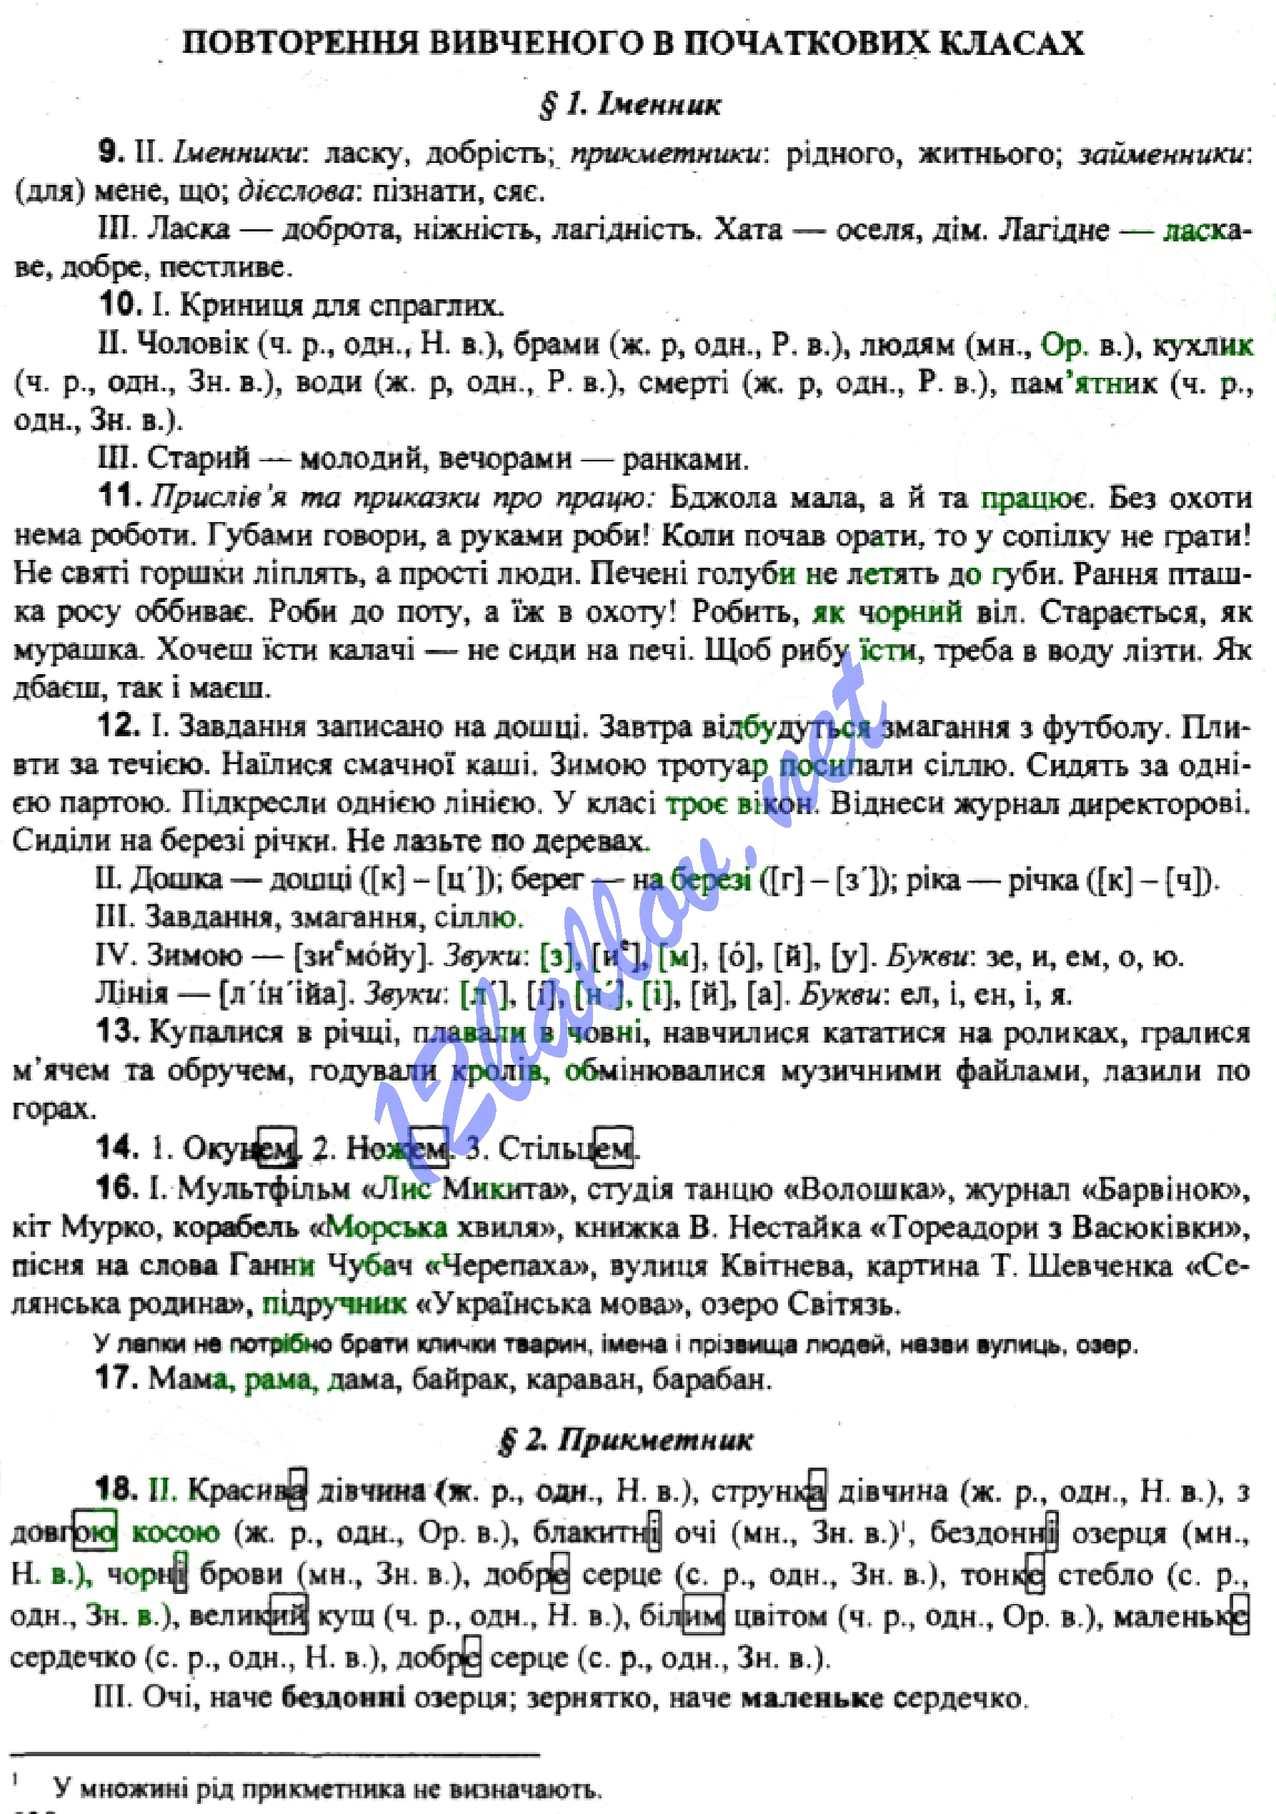 Гдз с української мови 5 клас заболотний